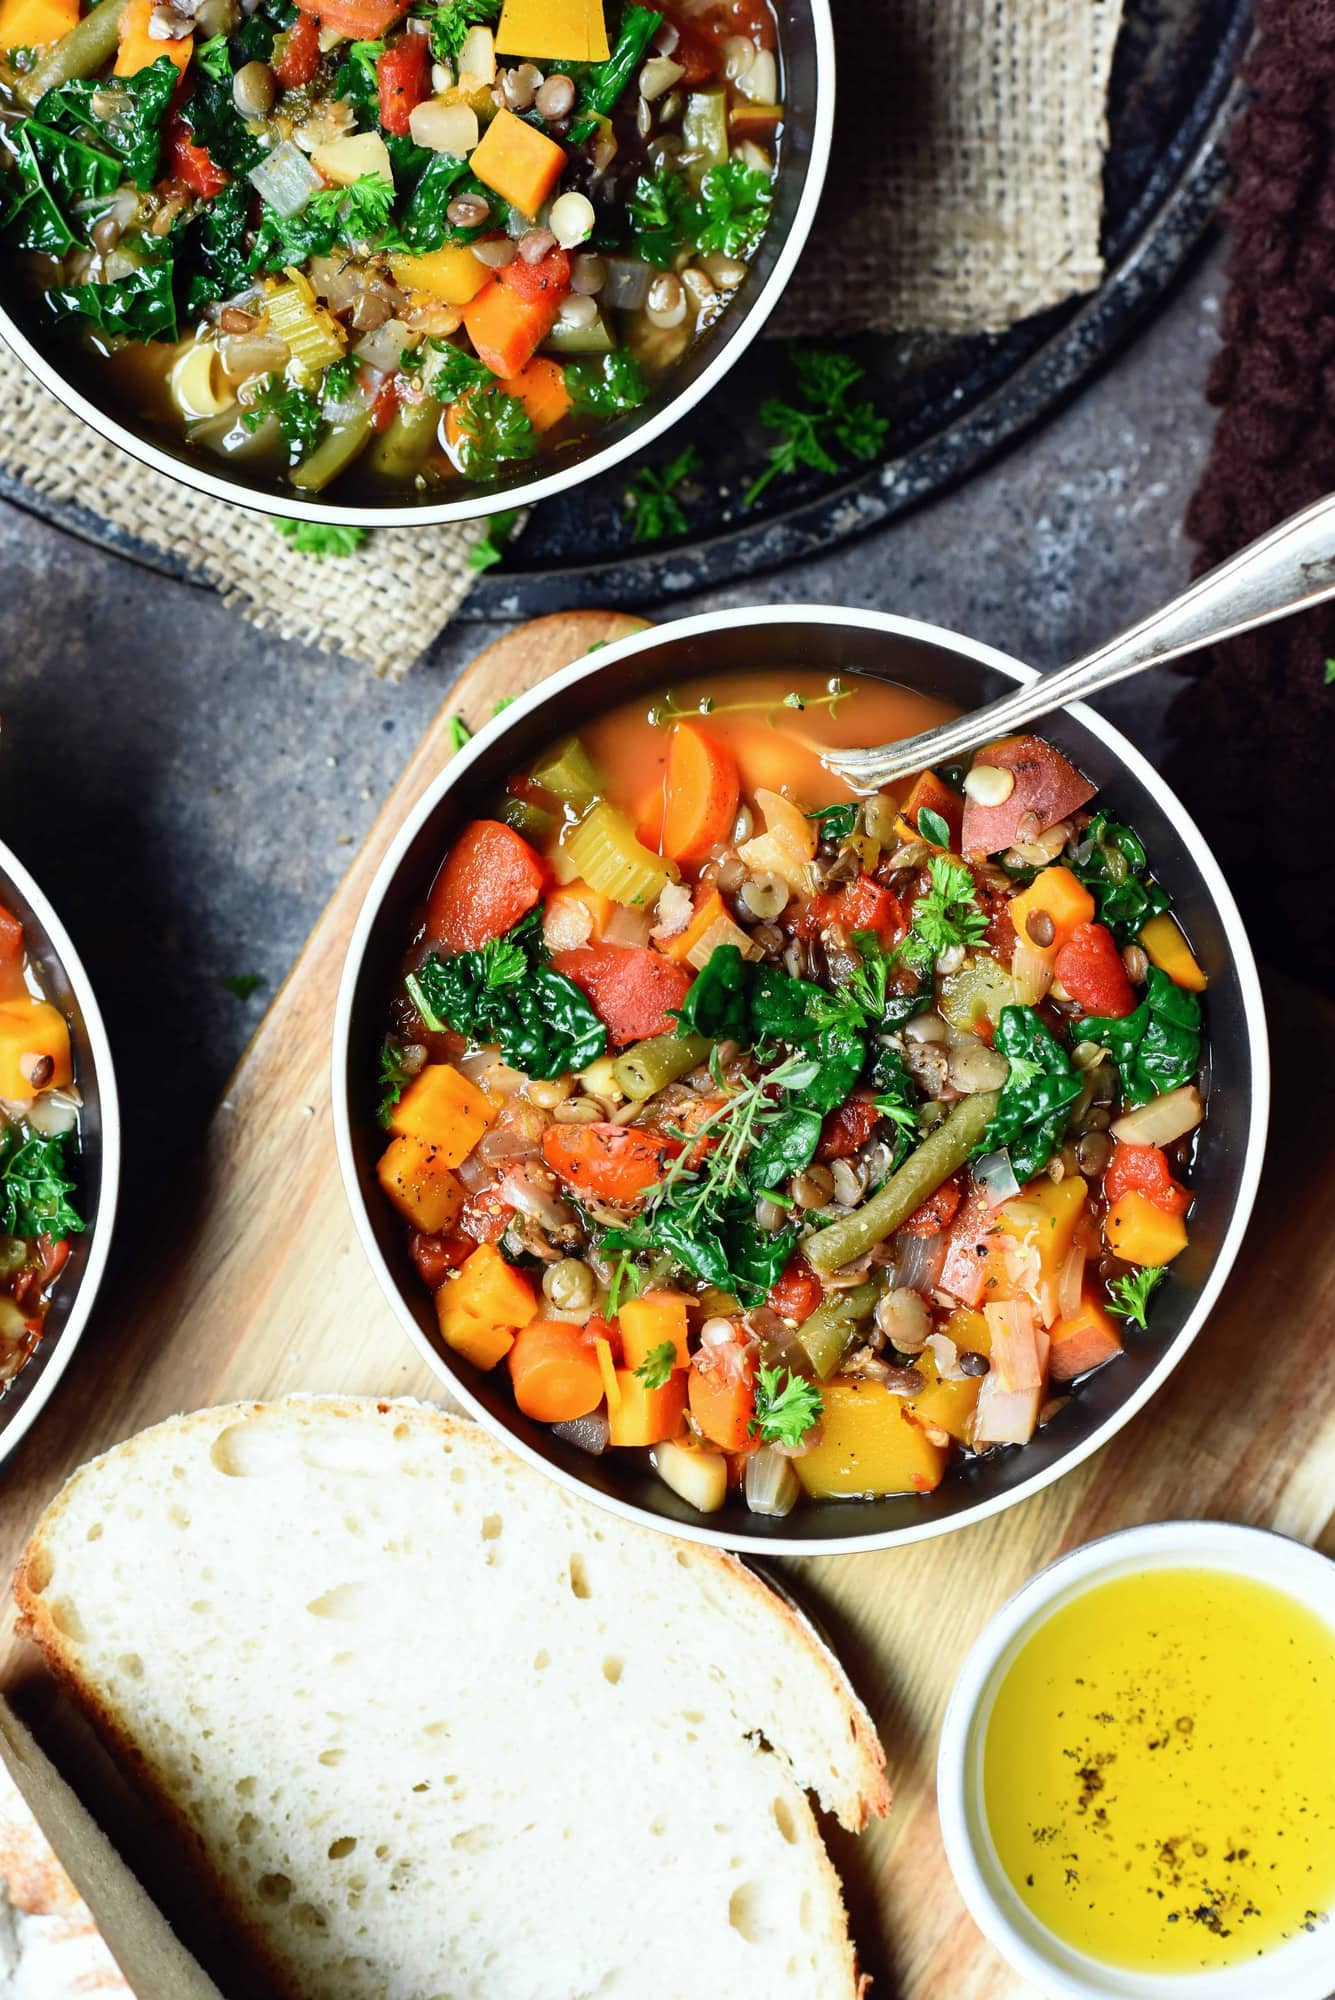 Overhead of lentil vegetable soup in black bowl